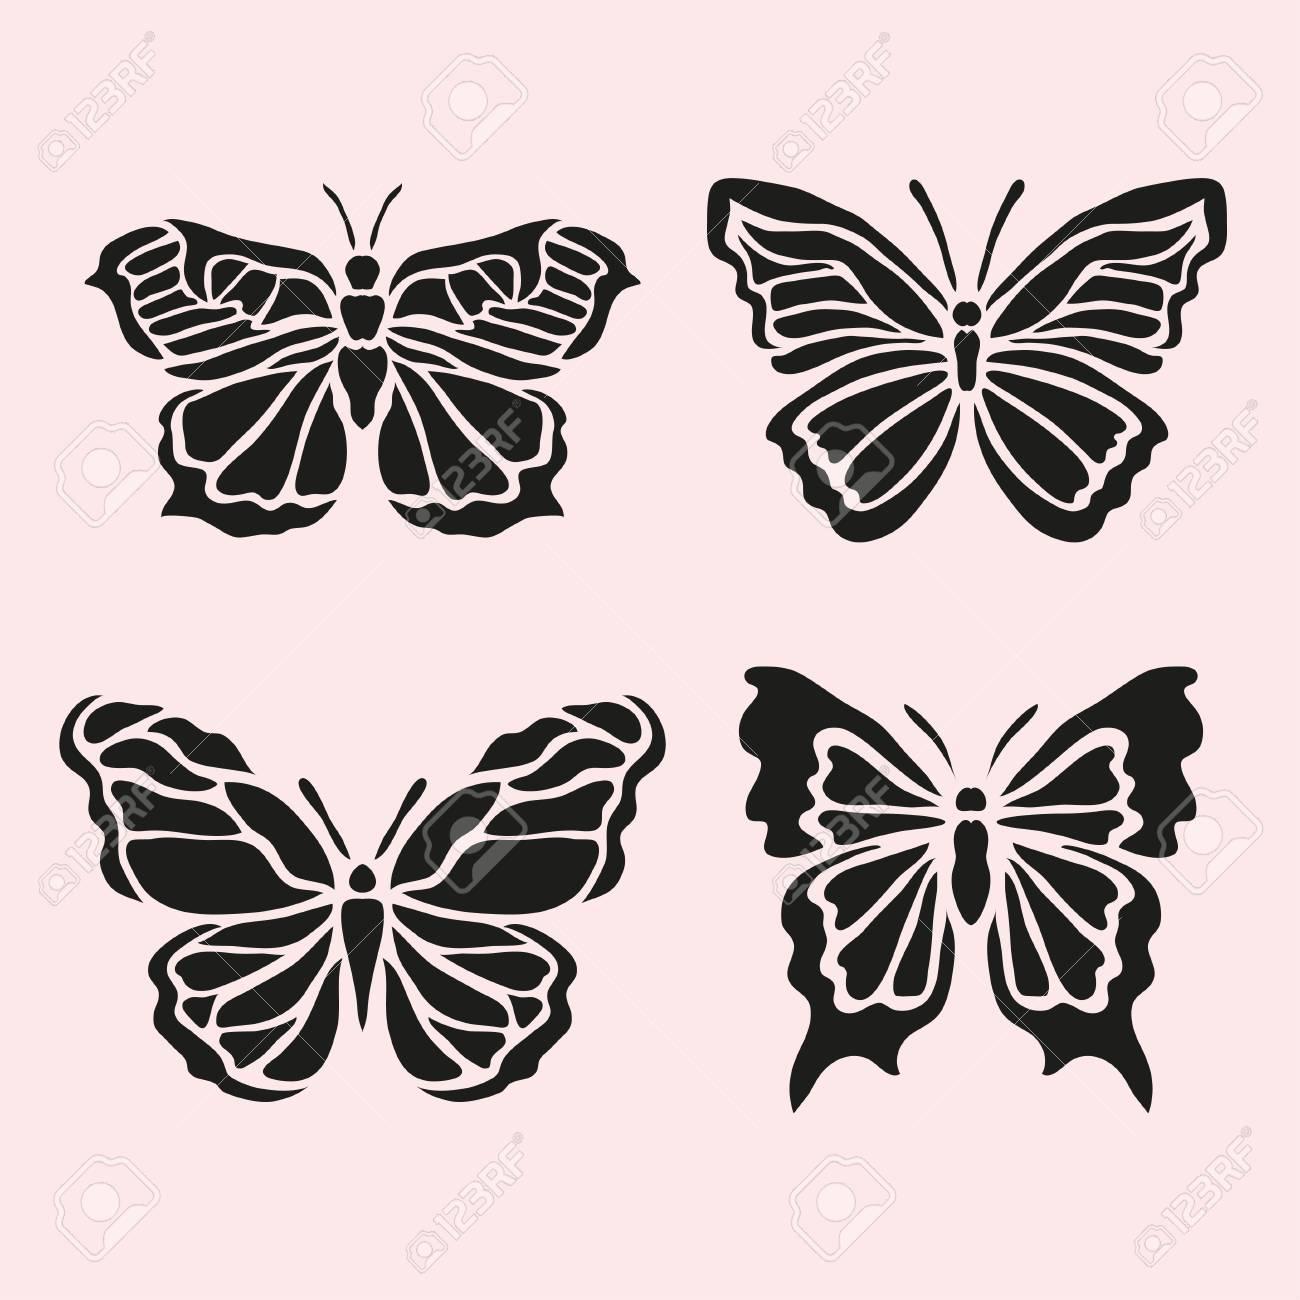 Jeu De Symboles Abstraits Papillon, Éléments De Conception. Peut Être  Utilisé Pour Des Invitations, Cartes De V?ux, Scrapbooking, Impression, pour Etiquette Papillon A Imprimer